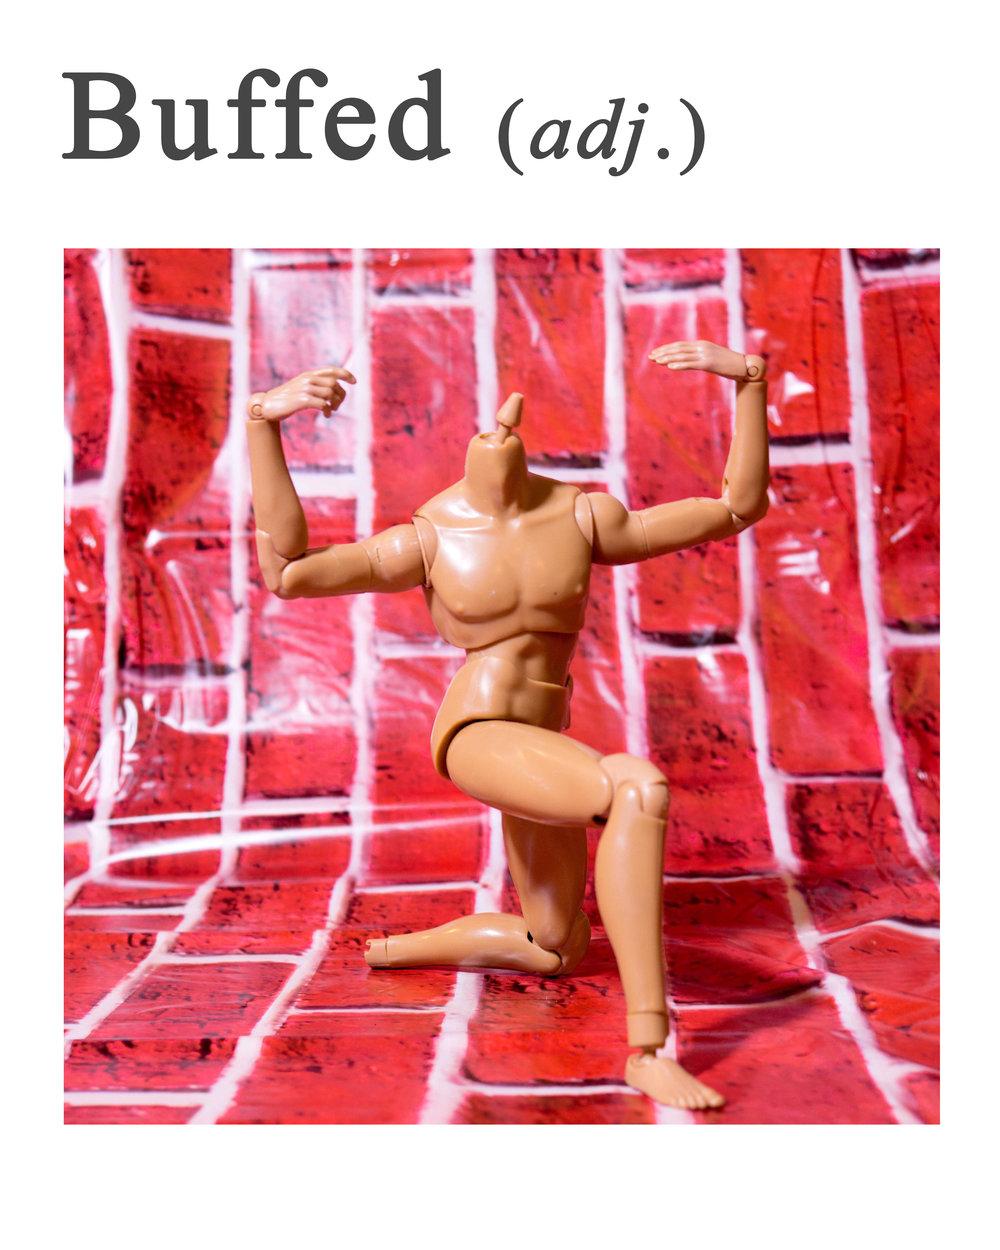 Buffededit_definition.jpg